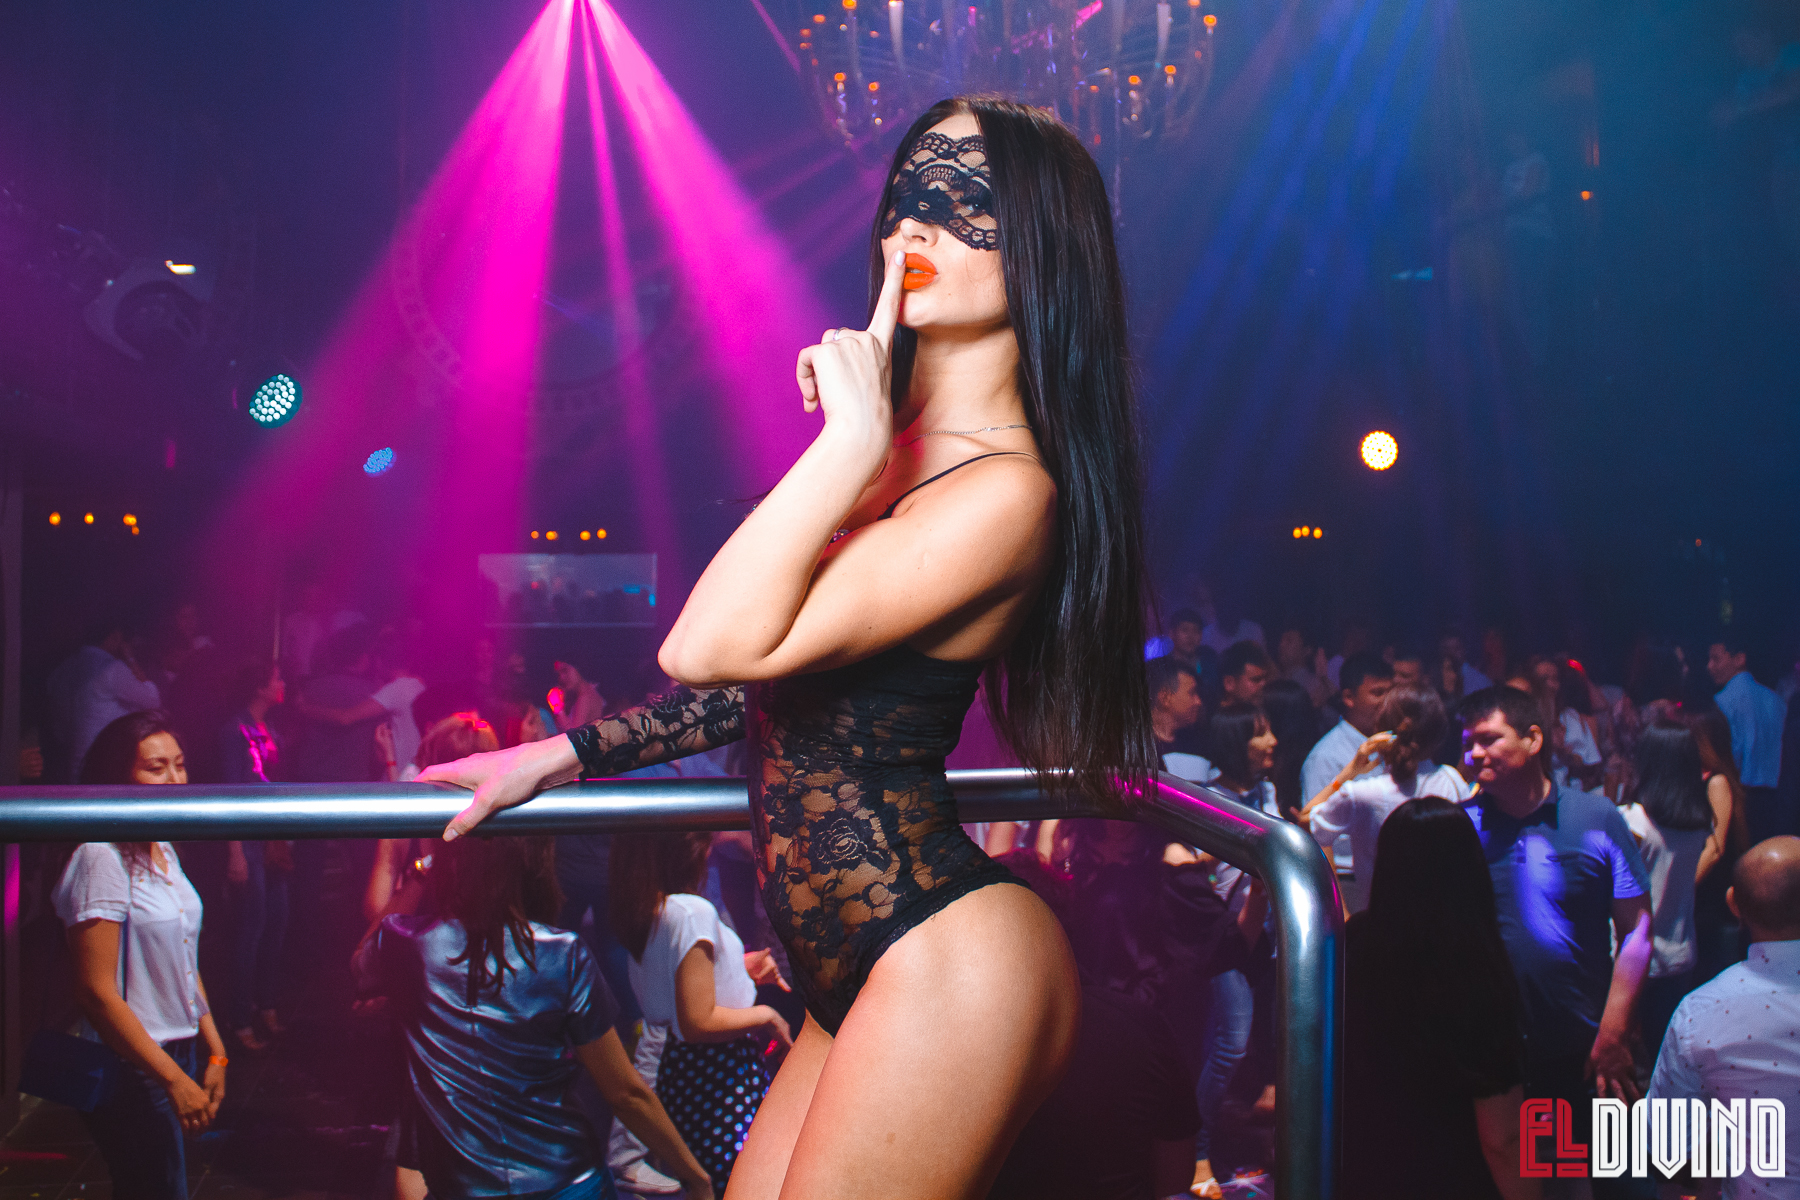 Фото девушек гоу-гоу в клубе